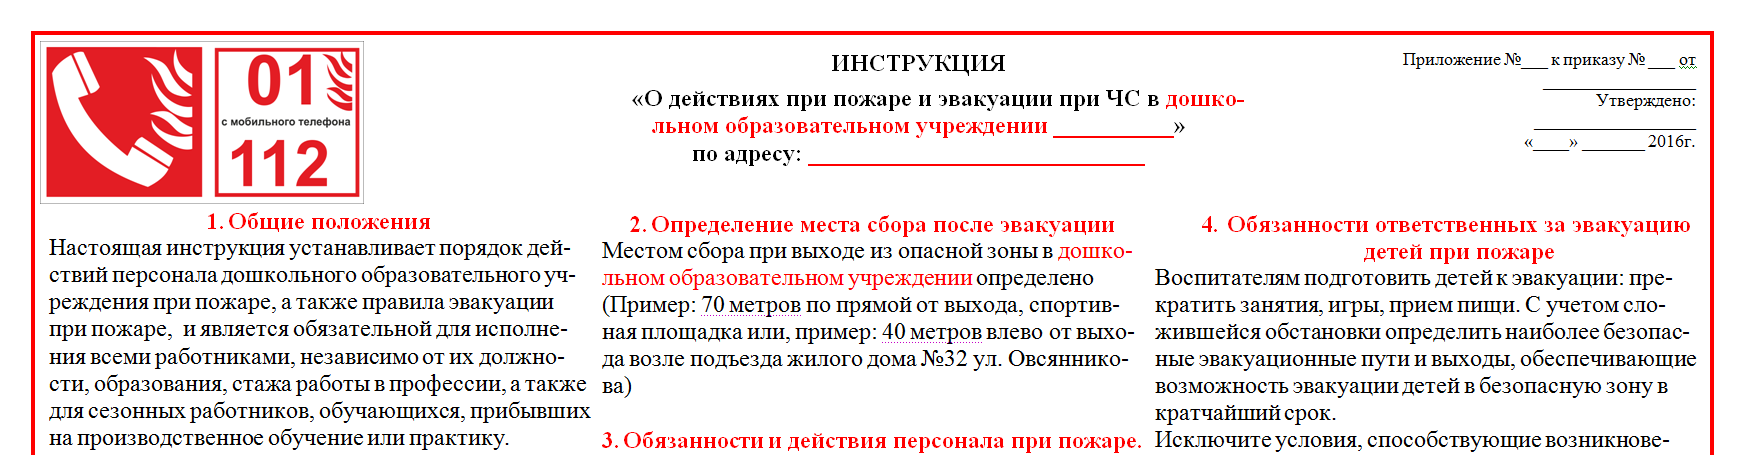 инструкция по эвакуации людей гостиницы